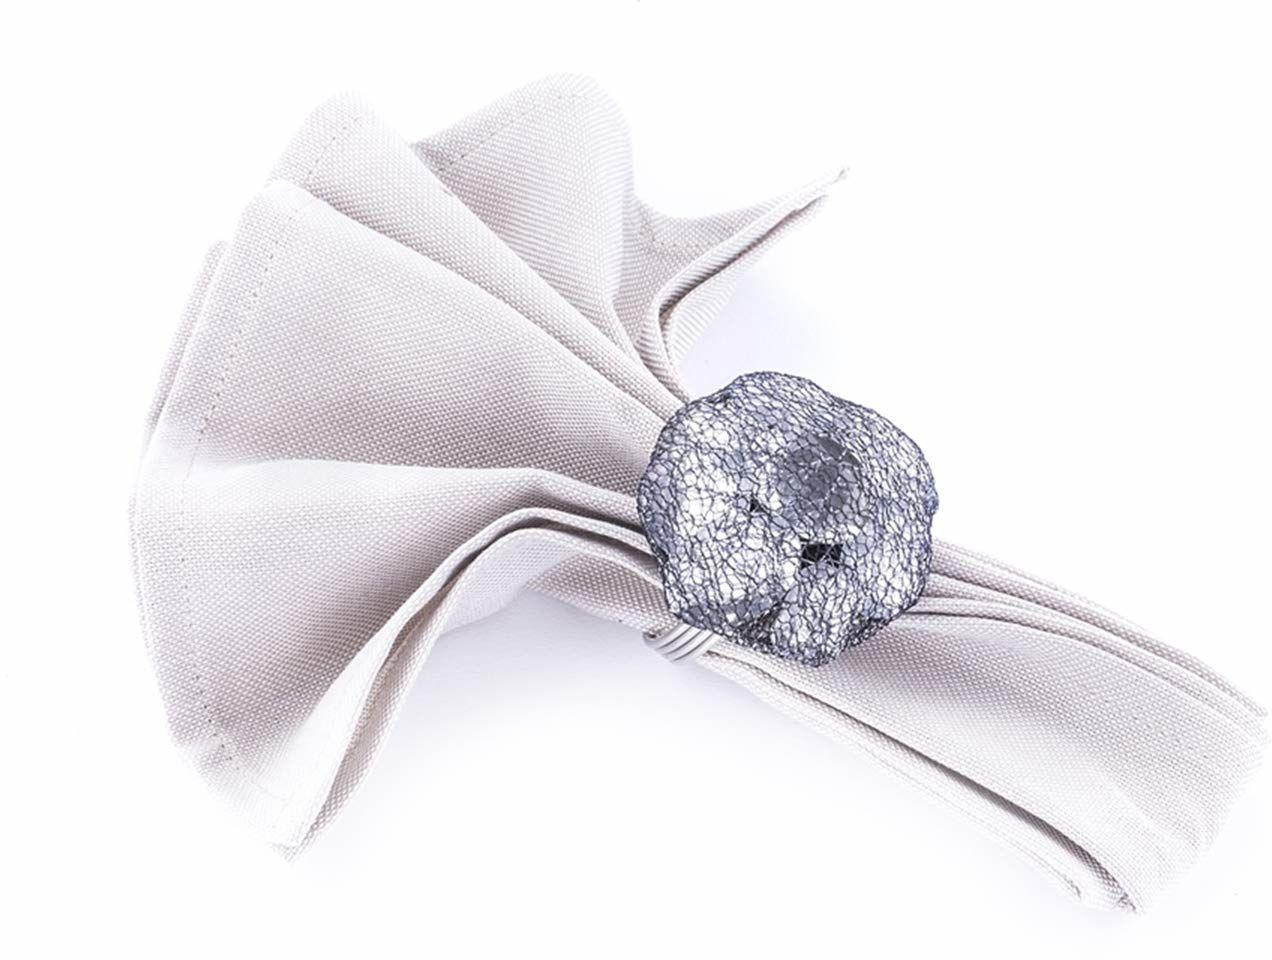 LegendArte lh-036 allacciatovaglioli pierścienie serwetki biżuteria, metal/szkło/wiskoza, szary/srebrny, 19 x 19 x 7 cm, 4 sztuki